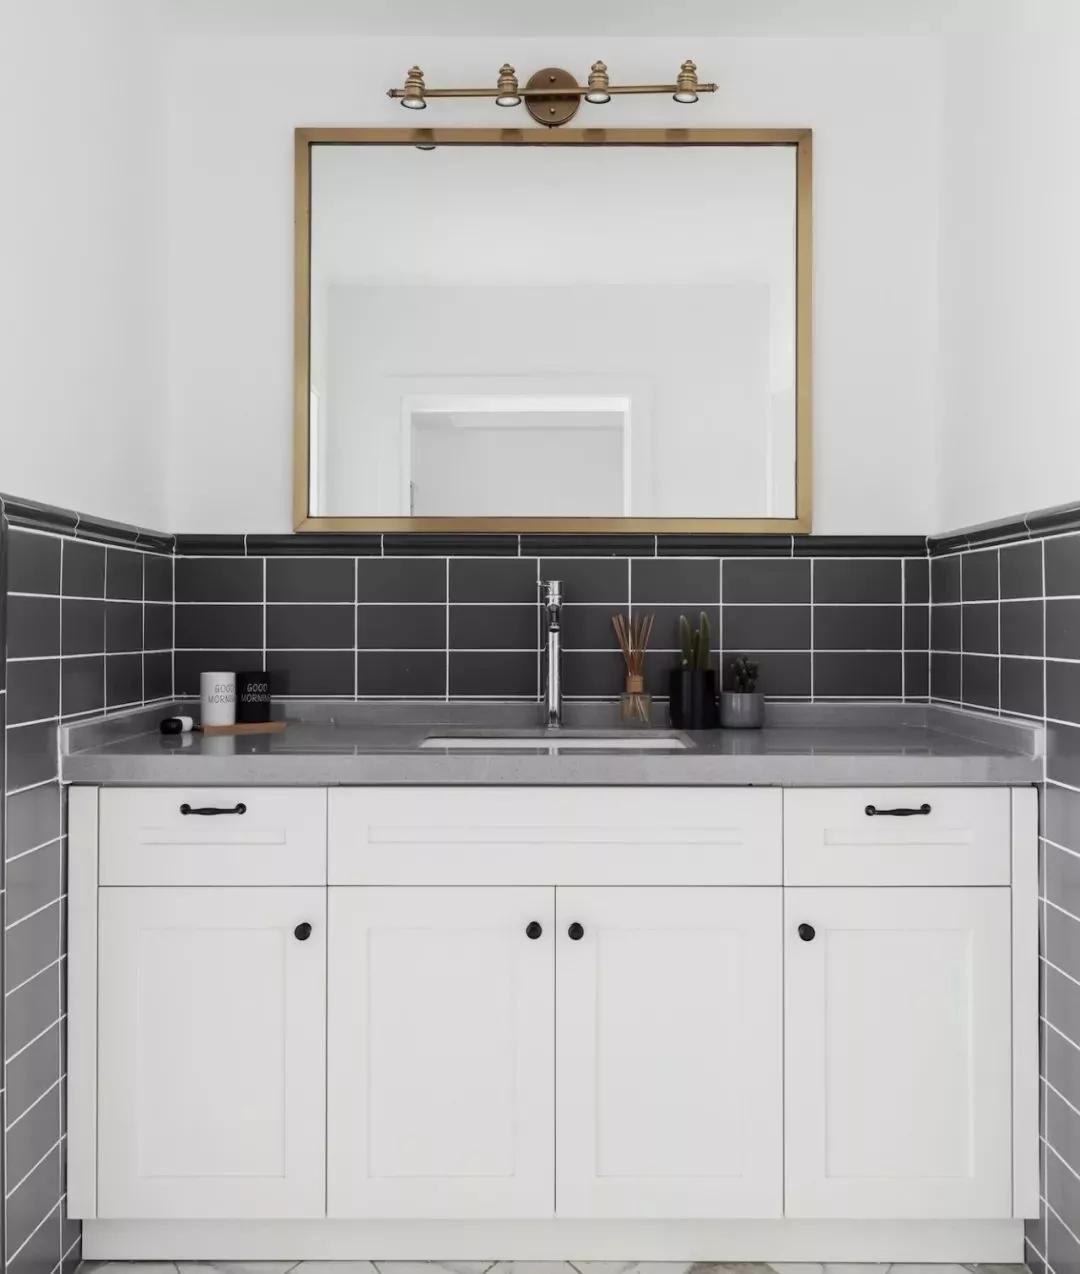 卫生间橱柜用2年就变形,业内人告诉你,这4大保养技巧要知道